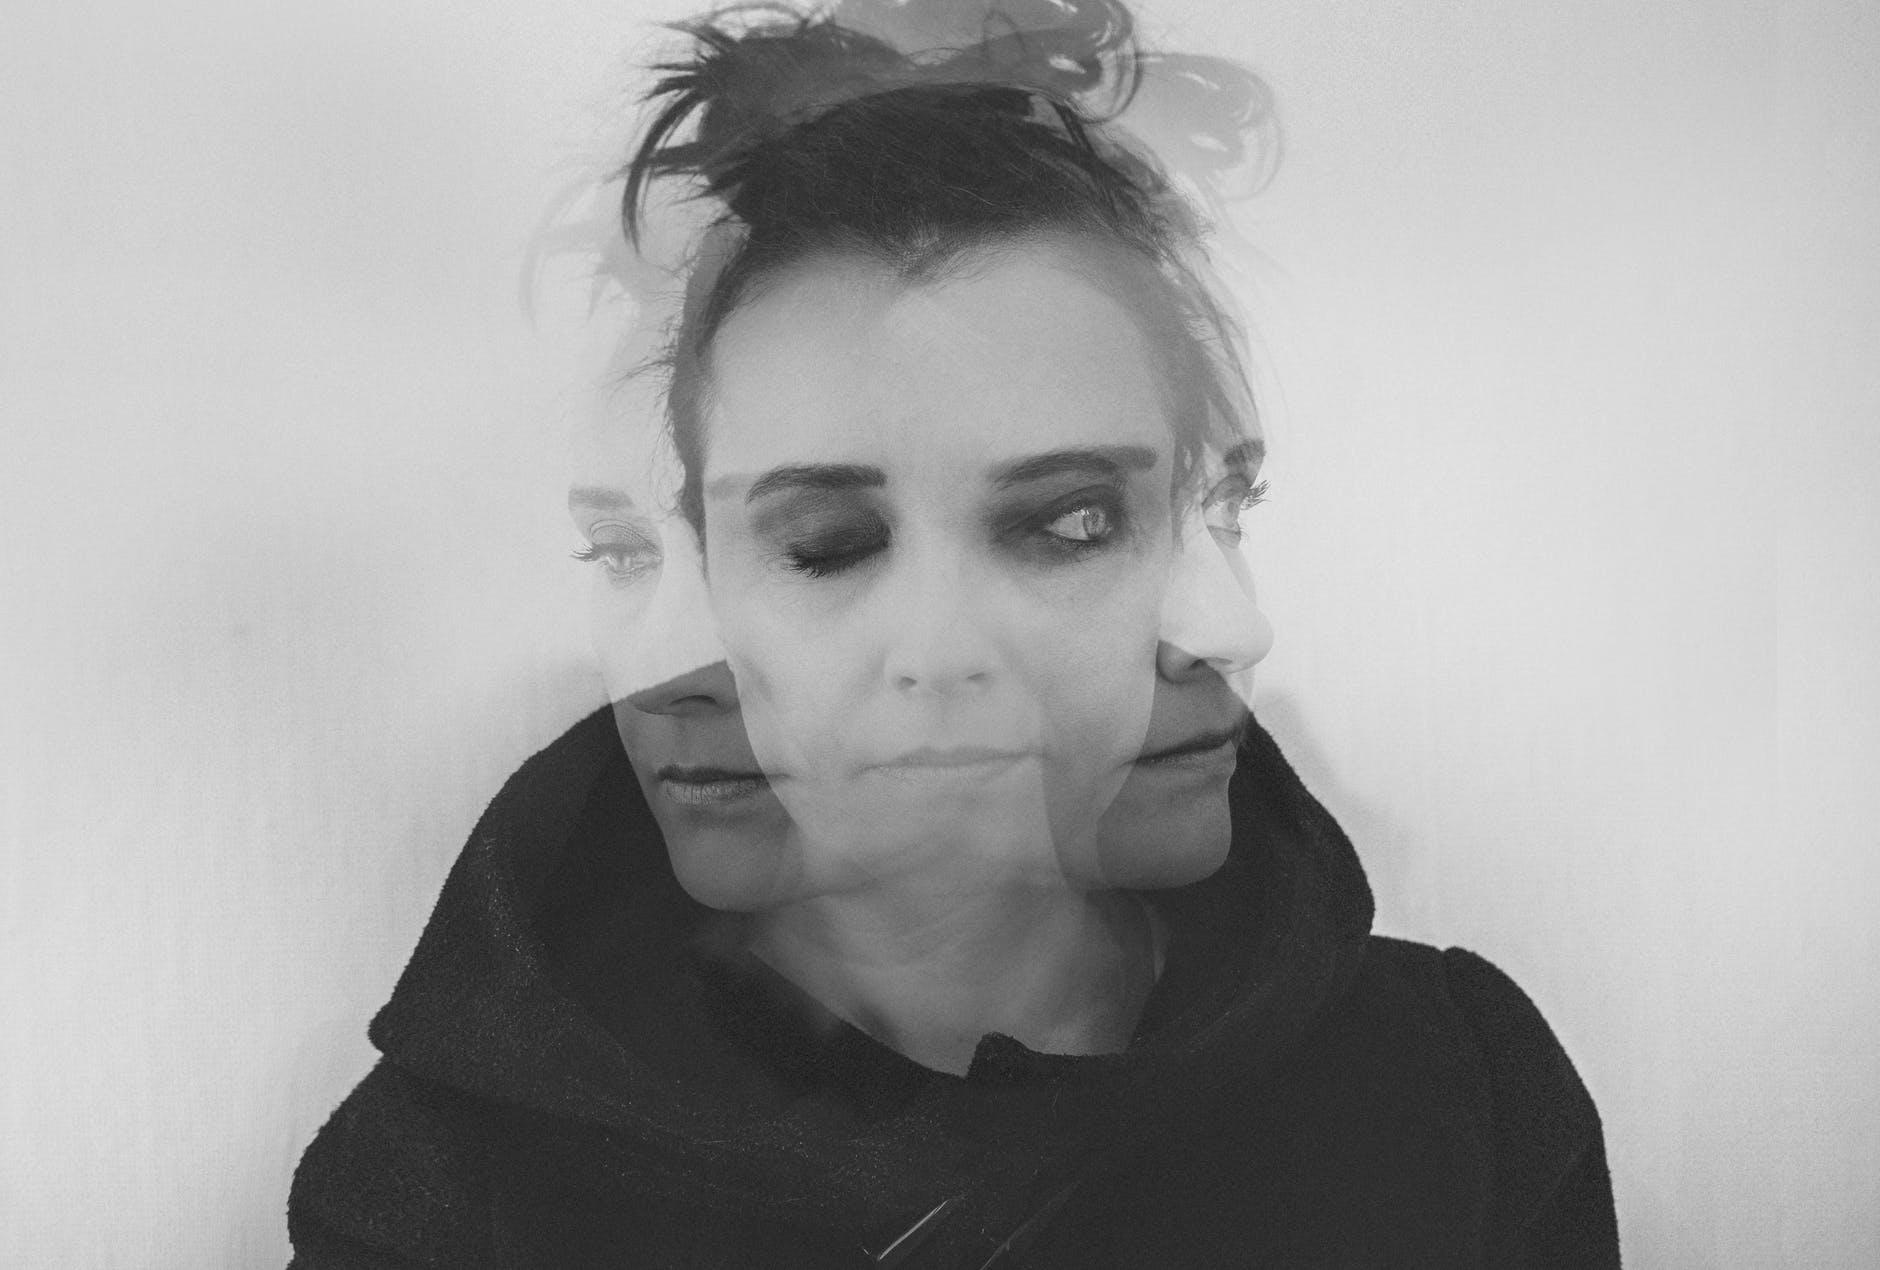 ritratto fotografico fine art in bianco e nero rappresentante una donna con i capelli legati in doppia esposizione